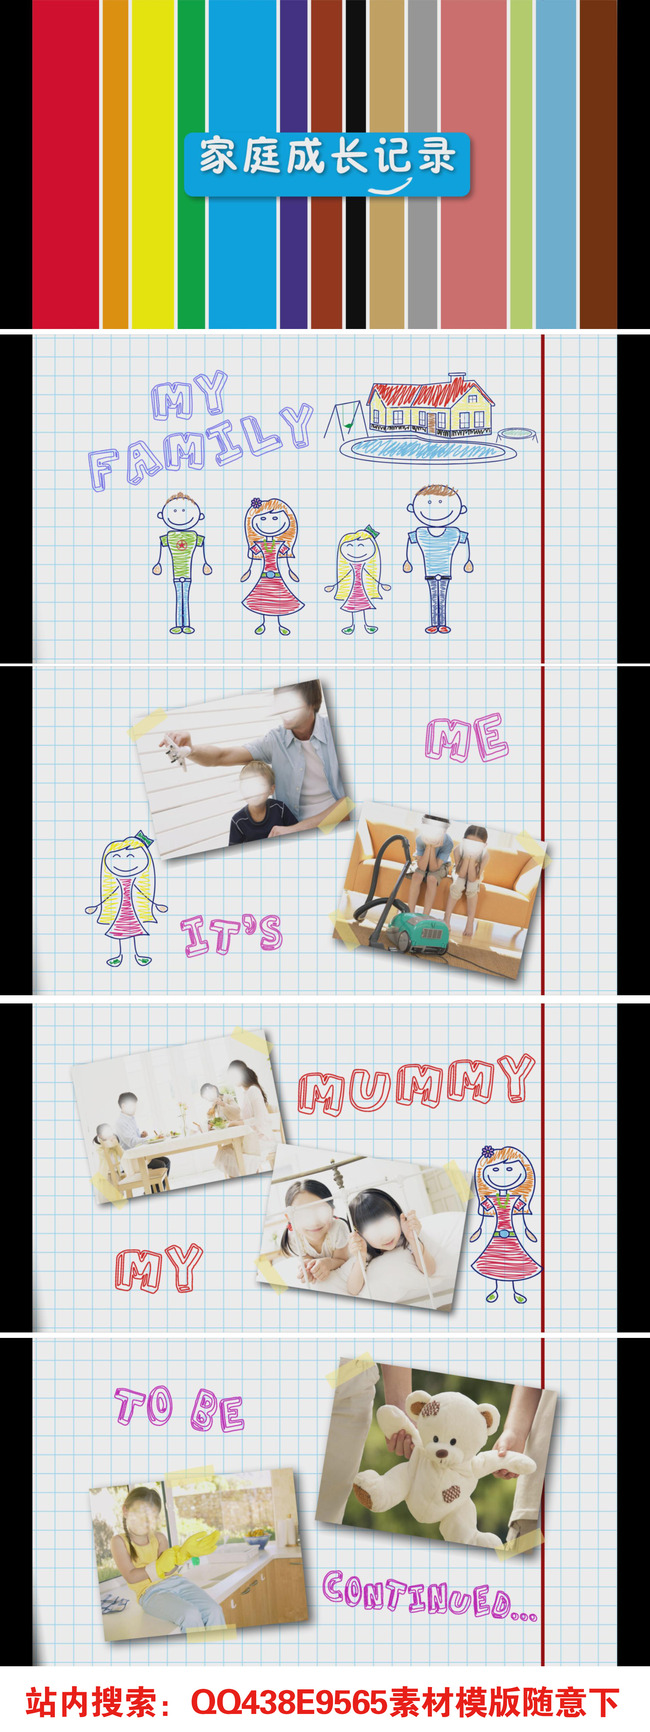 儿童成长手绘卡通风格家庭相册模版